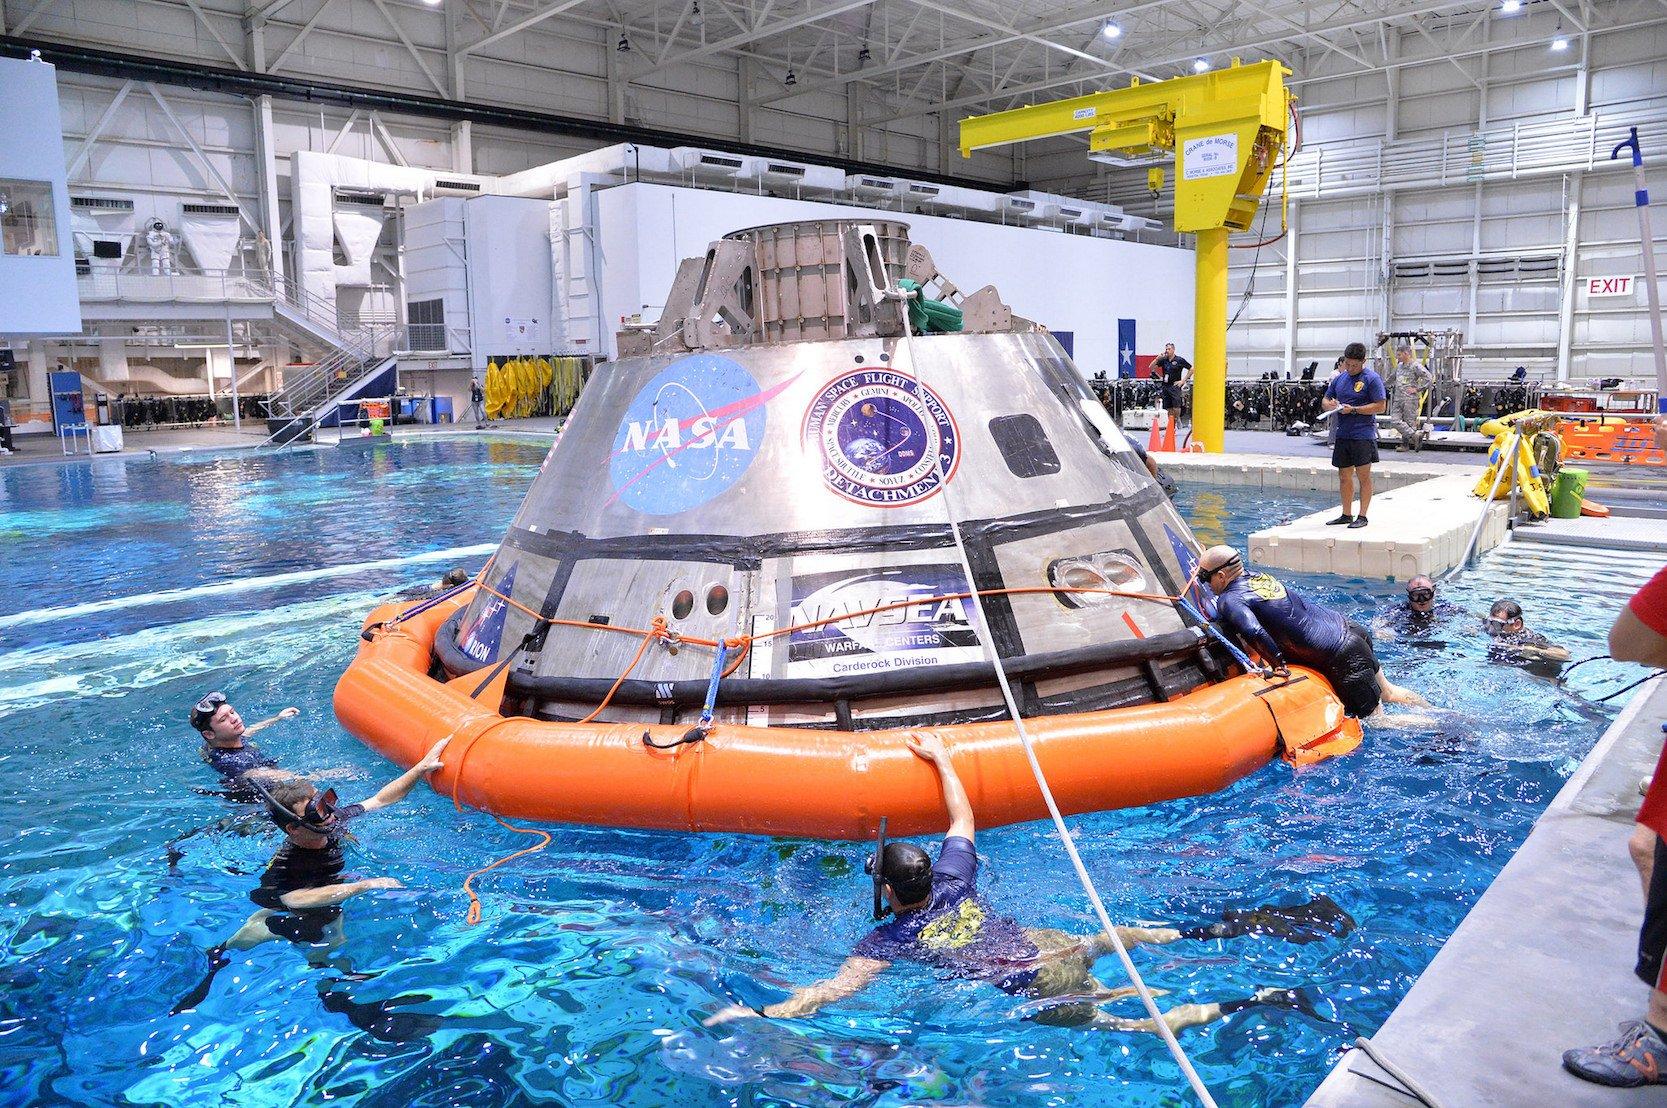 Testversion der Orion-Kapsel im Wasserbecken des Johnson Space Centers in Houston: Bergungsteams haben schon 2016 die Bergung nach einer Landung im Pazifischen Ozean vor der Küste Kaliforniens geübt.